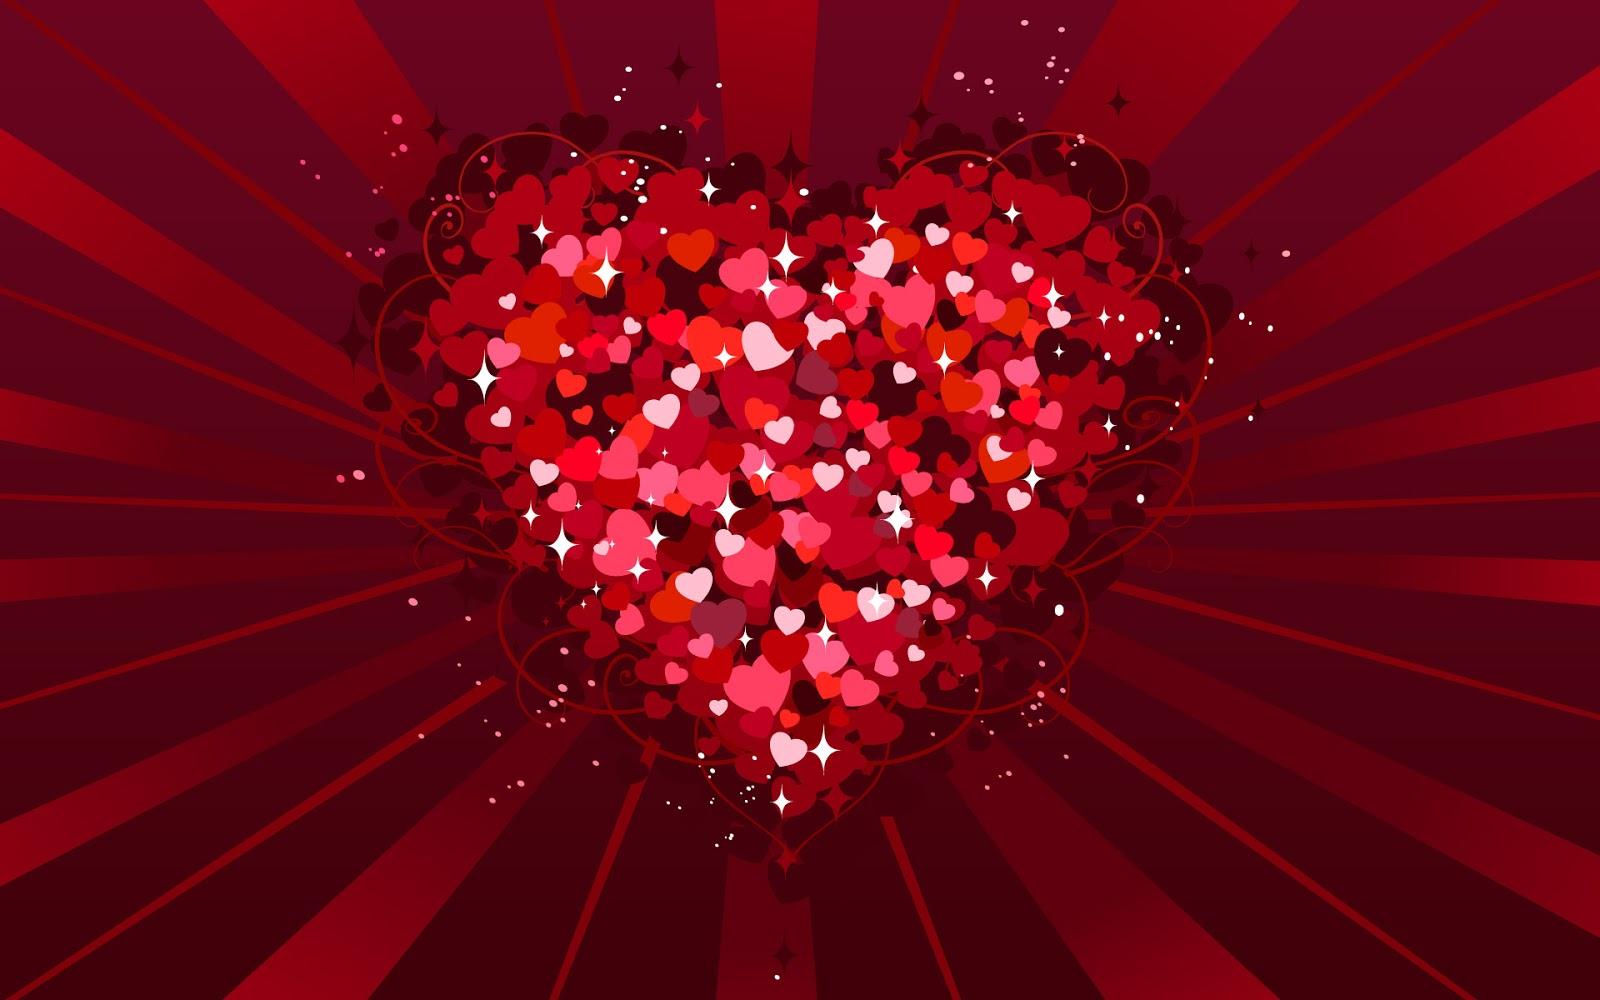 http://1.bp.blogspot.com/-Ss38MfEQaMo/UPwWeQSeHEI/AAAAAAAABC8/6JQa2zDb4I8/s1600/valentine%27s+day+wallpaper-nacozinhacomamalves.blogspot.com-valentines-day-wallpaper-10.jpg